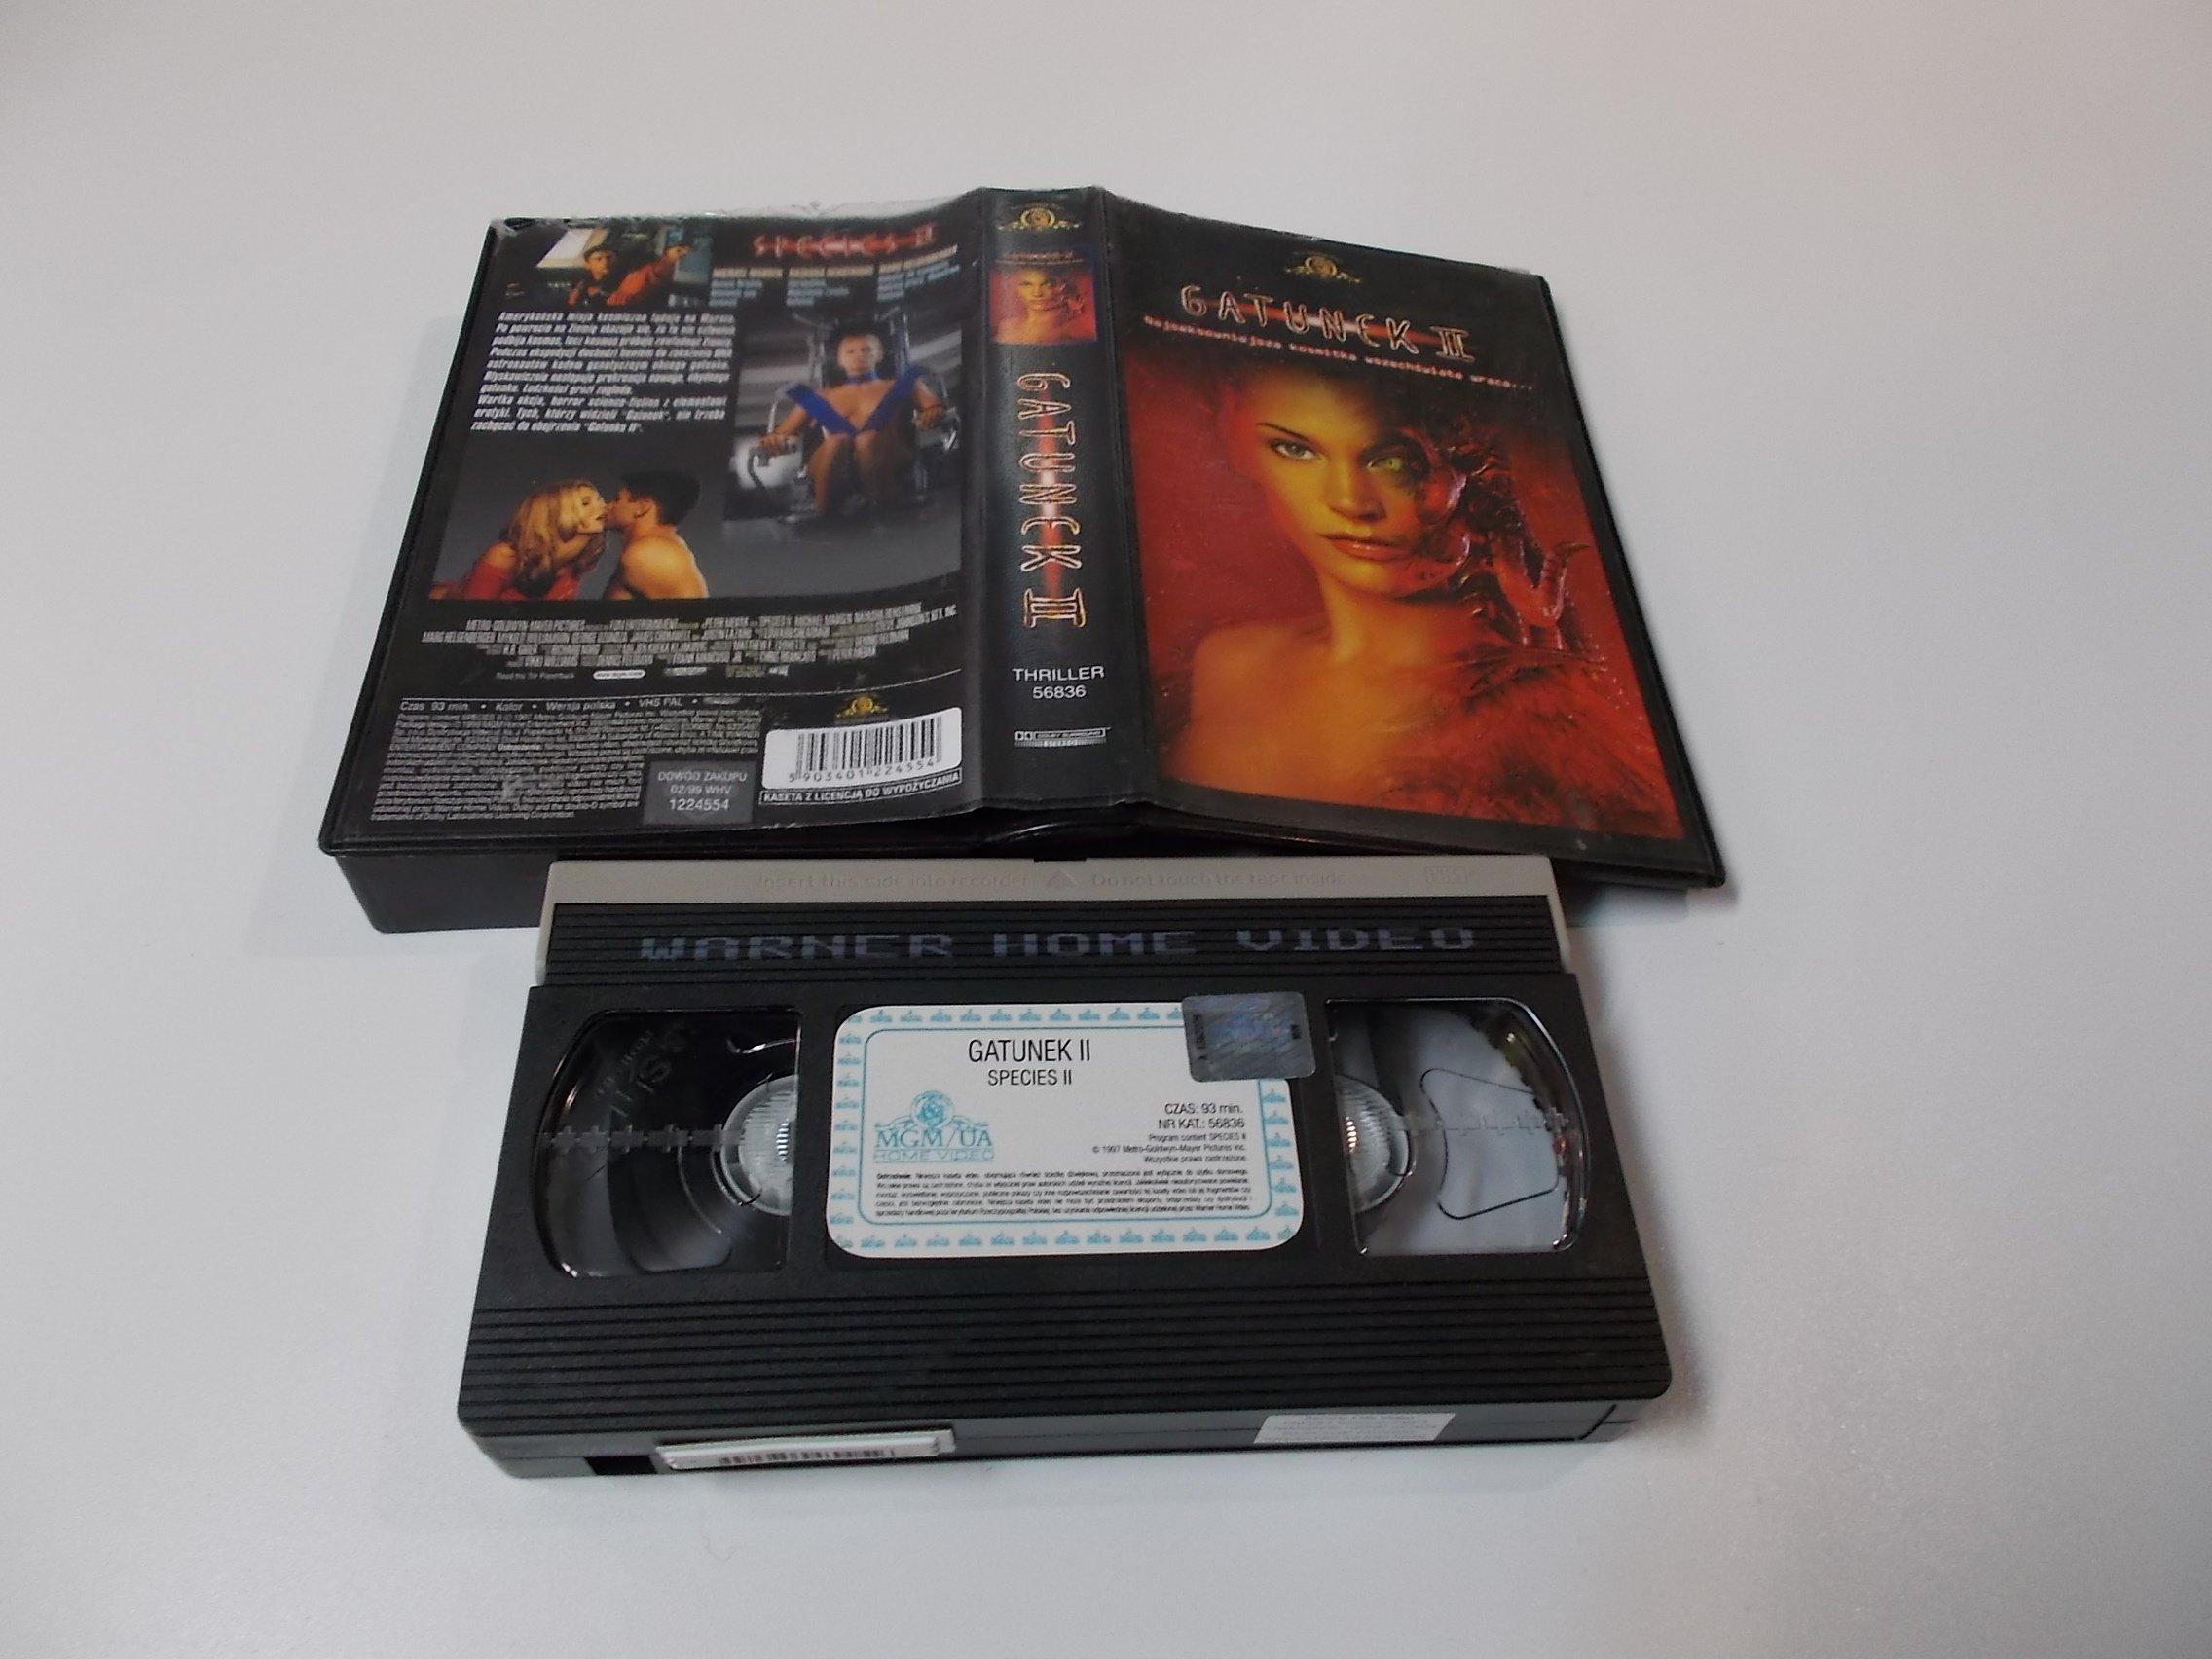 GATUNEK 2 - VHS Kaseta Video - Opole 1631